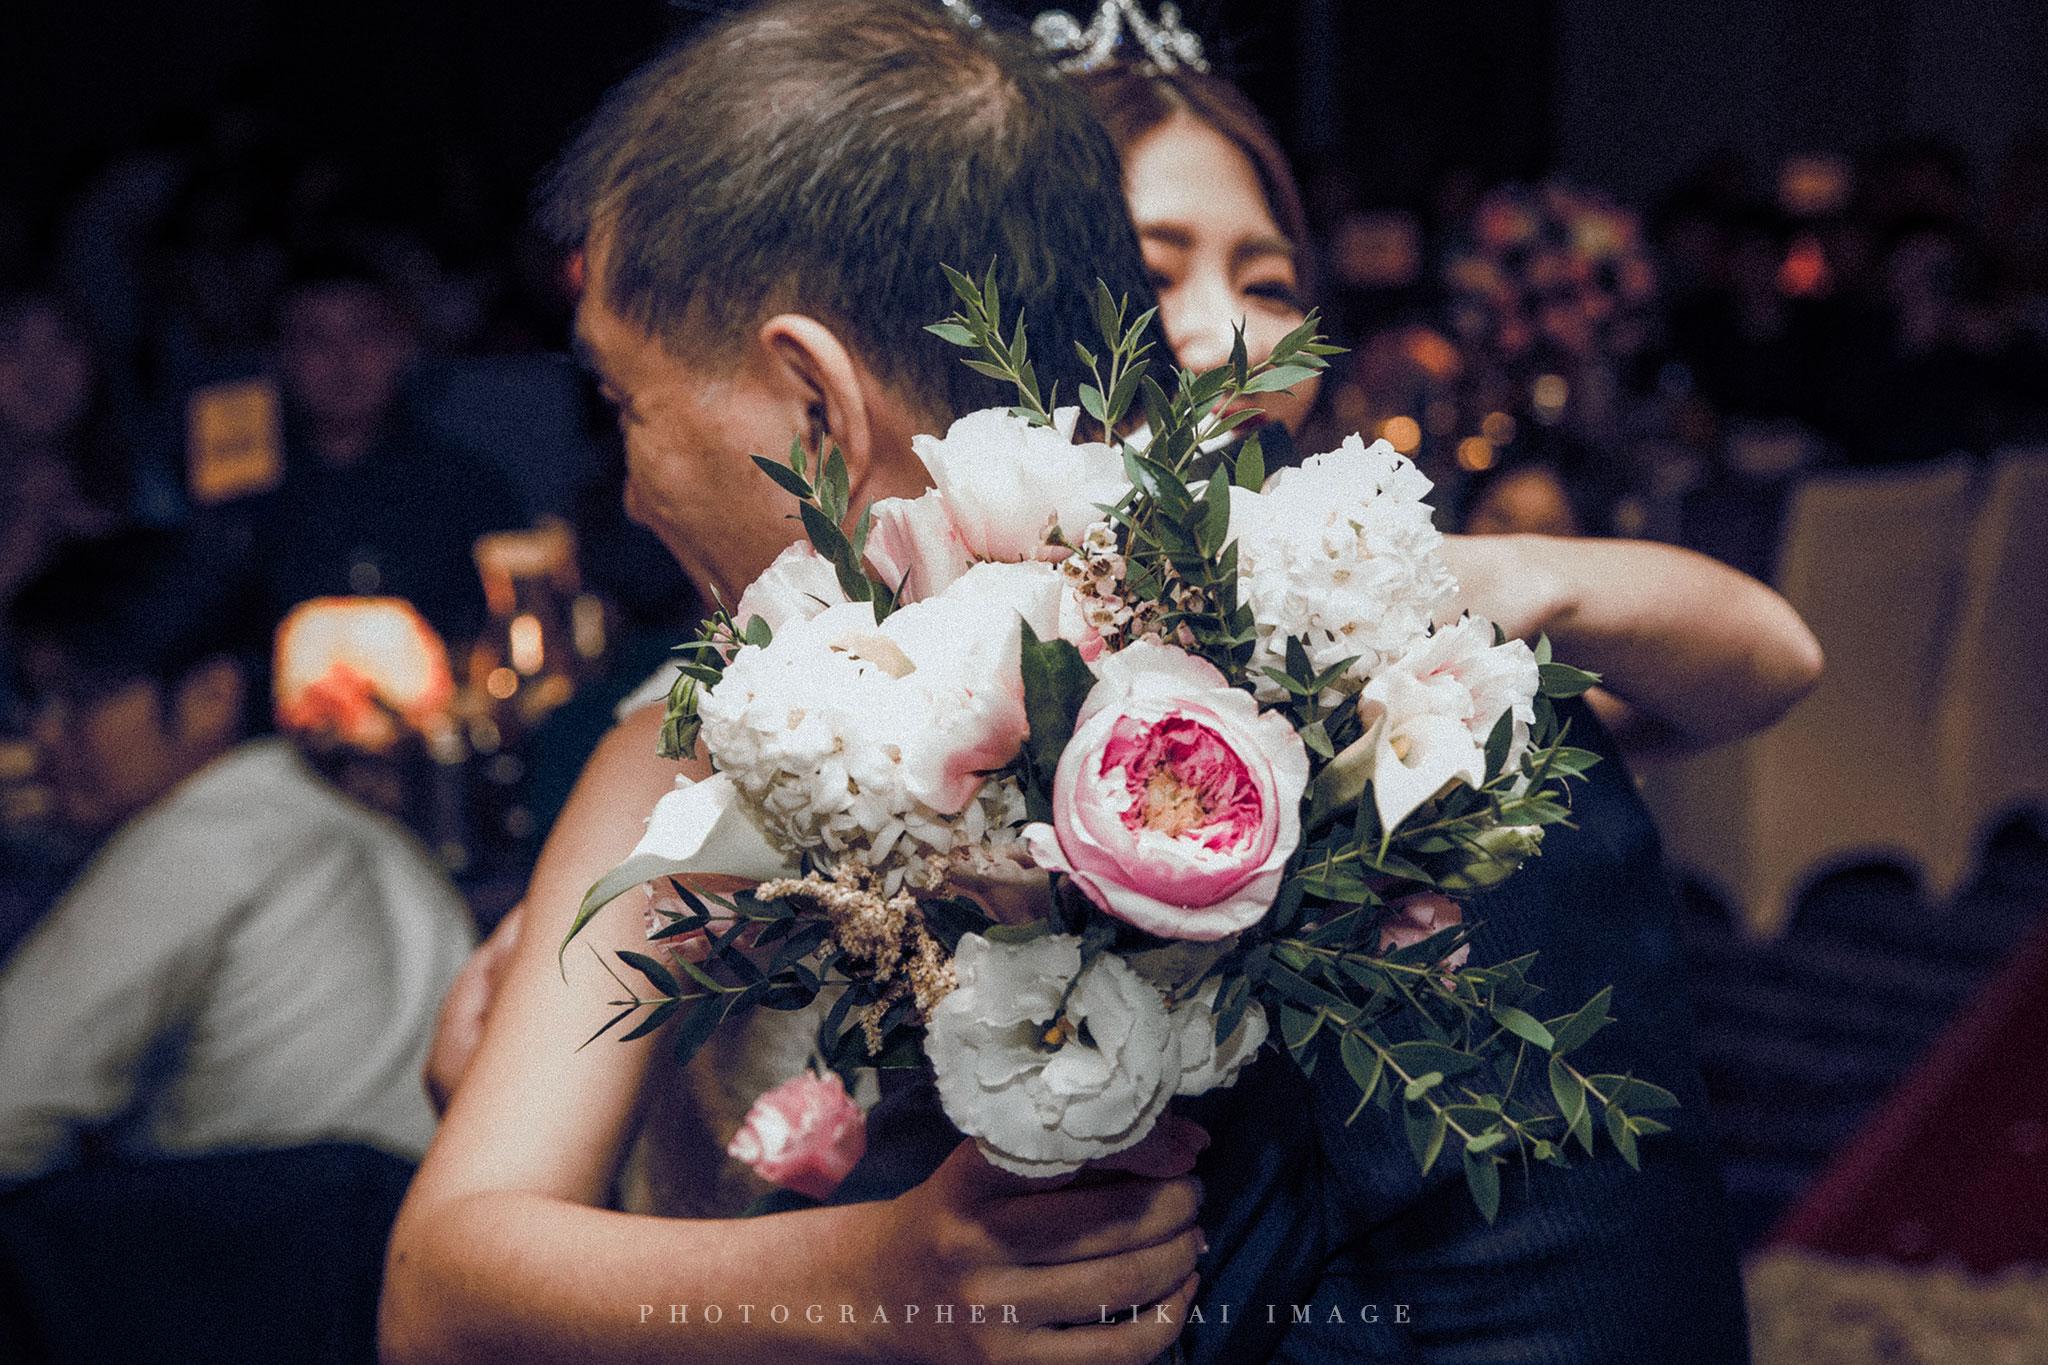 婚禮紀錄 - 薇竹 & 新展 - 喜來登大飯店